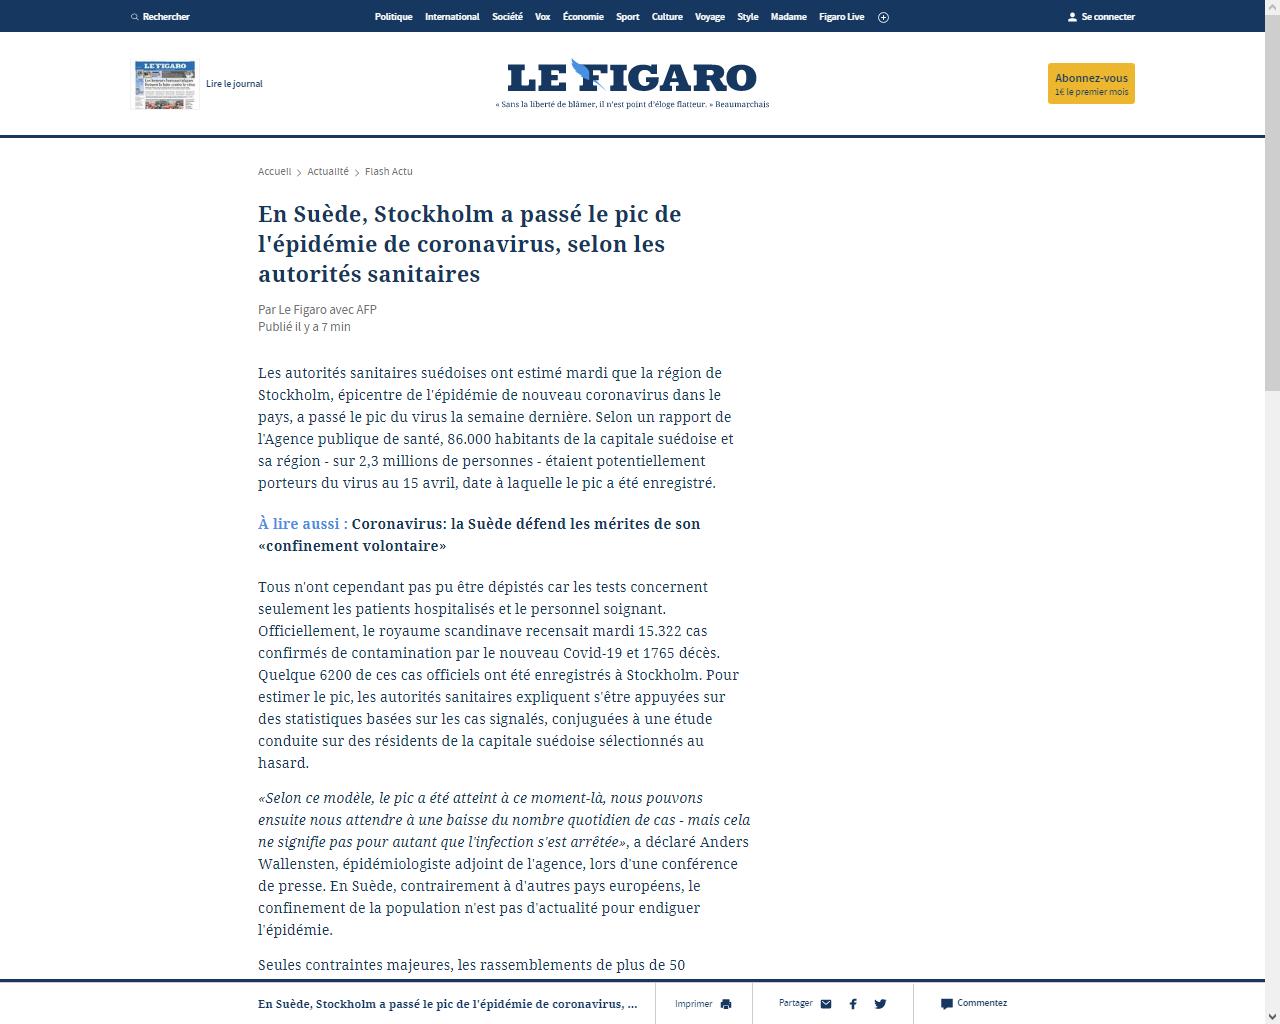 https://www.lefigaro.fr/flash-actu/en-suede-stockholm-a-passe-le-pic-de-l-epidemie-de-coronavirus-selon-les-autorites-sanitaires-20200421